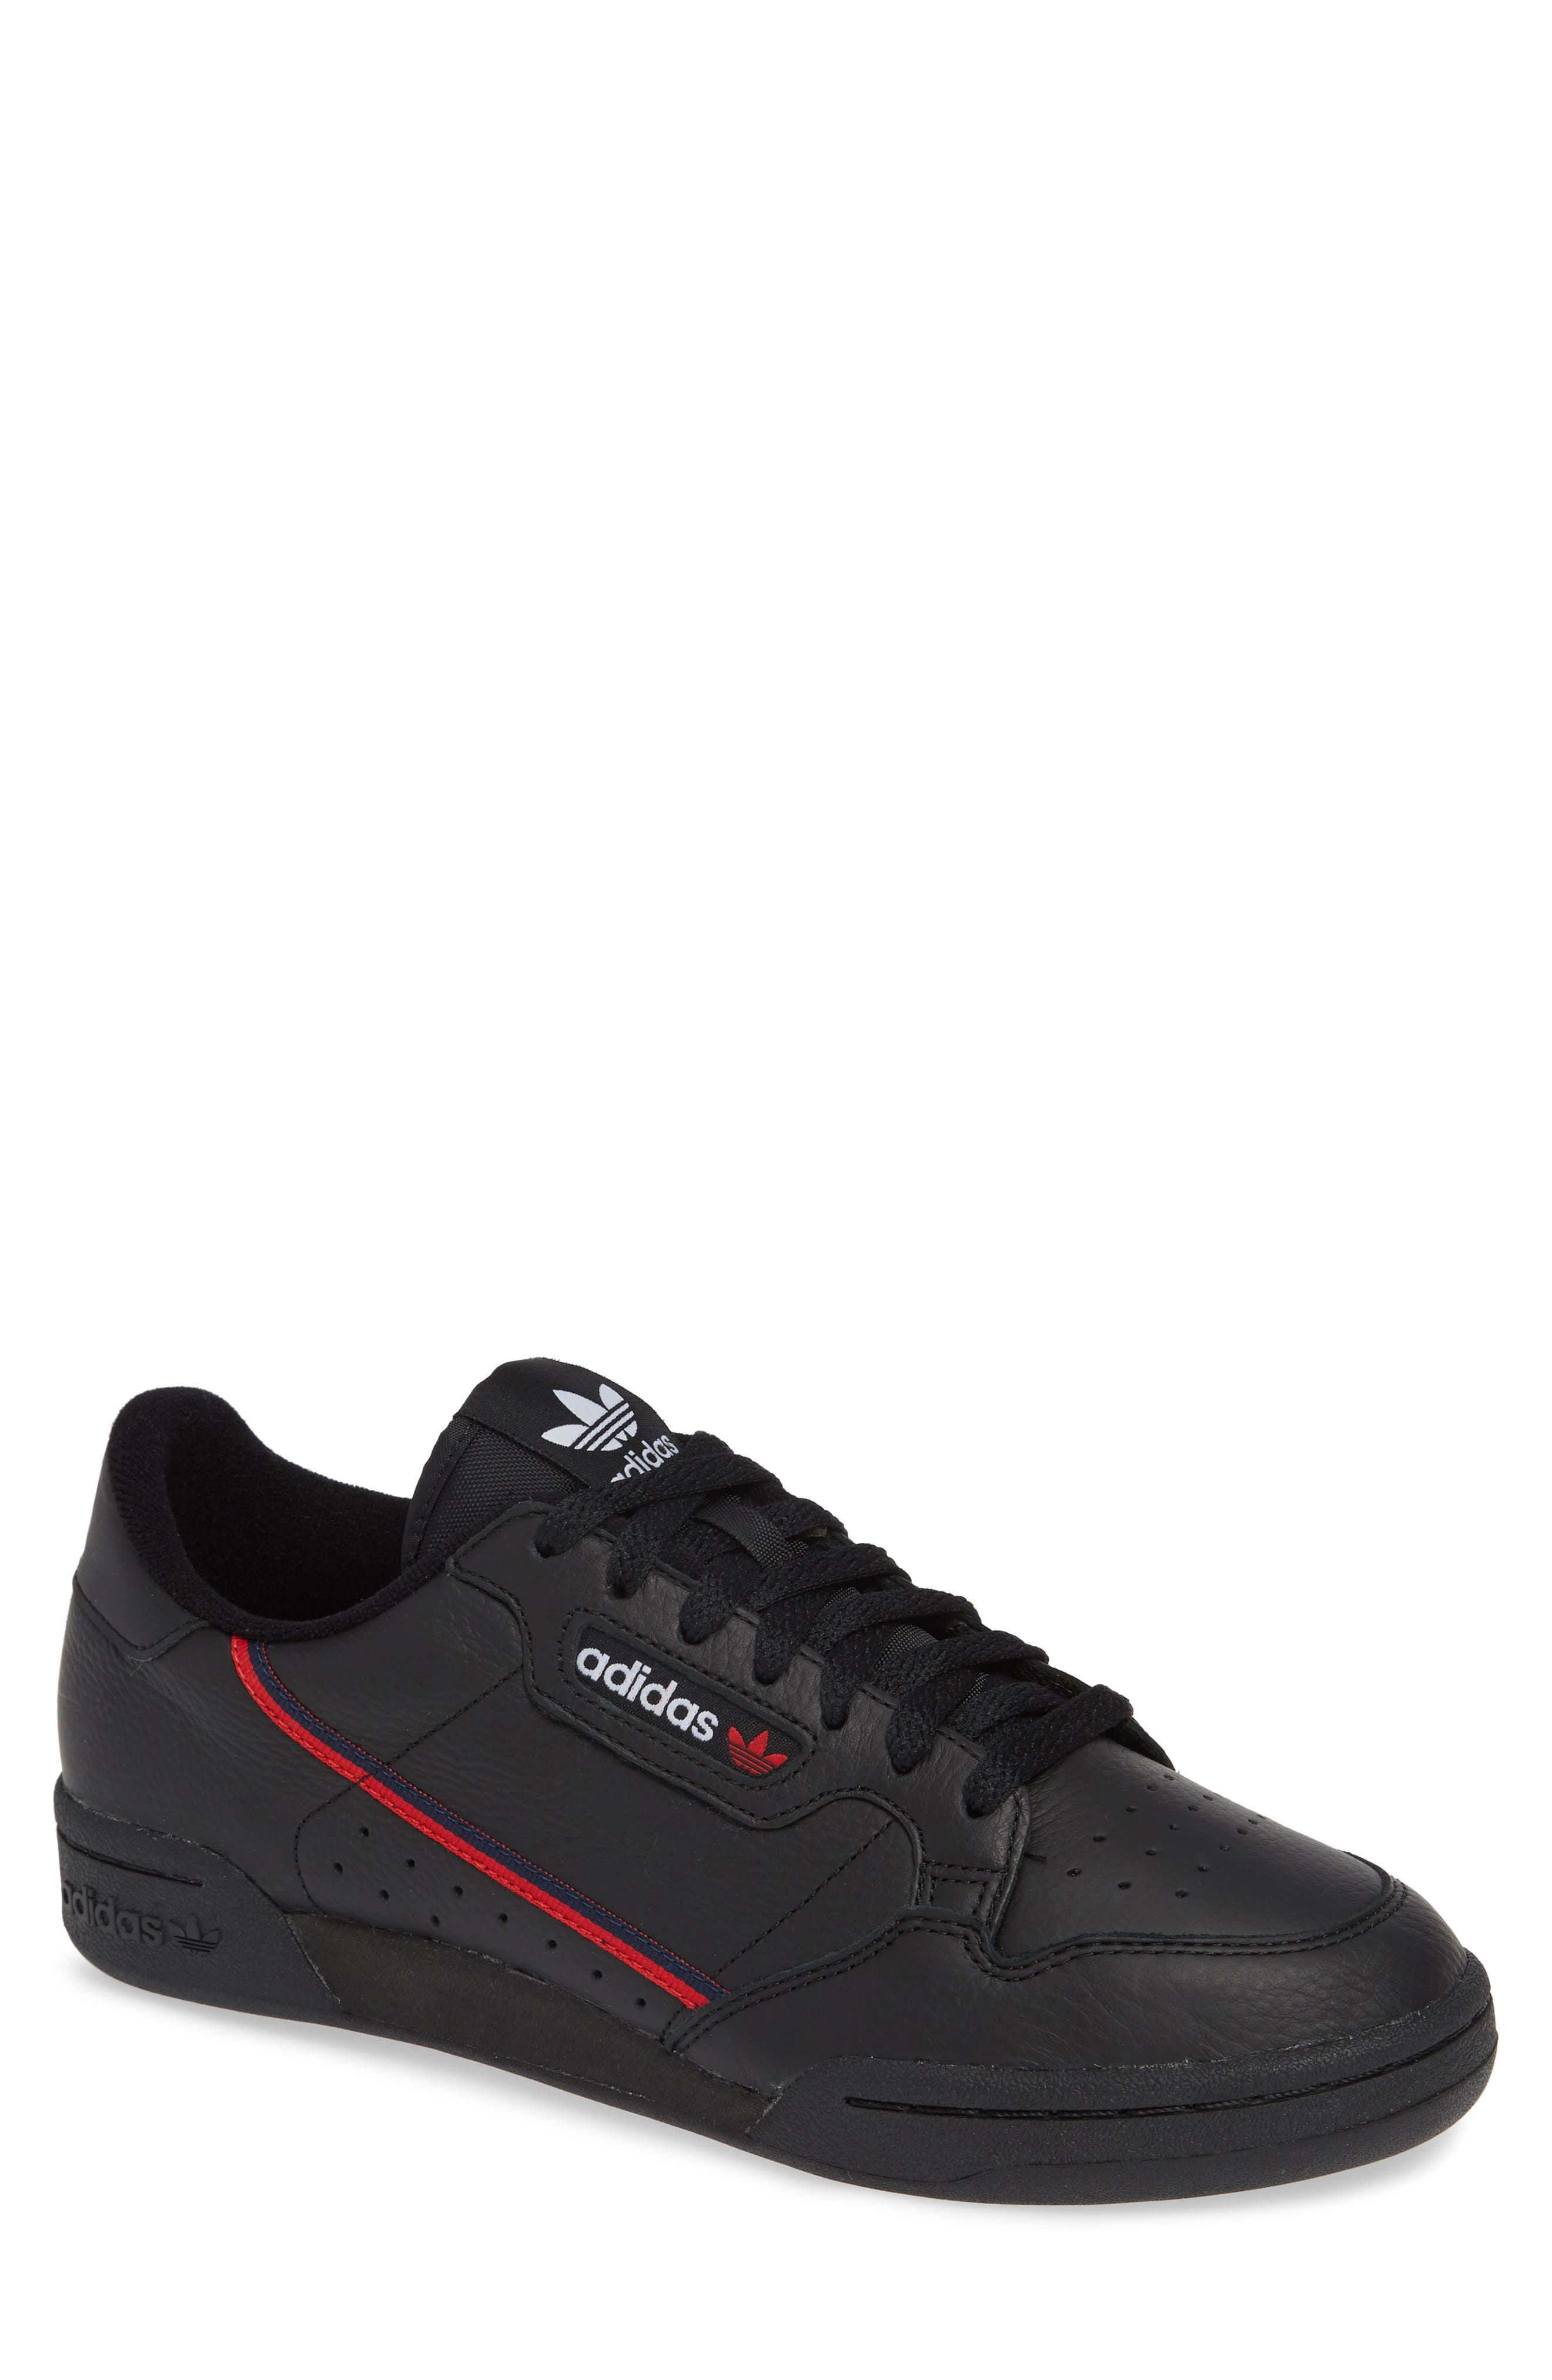 uomini è adidas scarpe da ginnastica, atletica e scarpe da corsa nordstrom